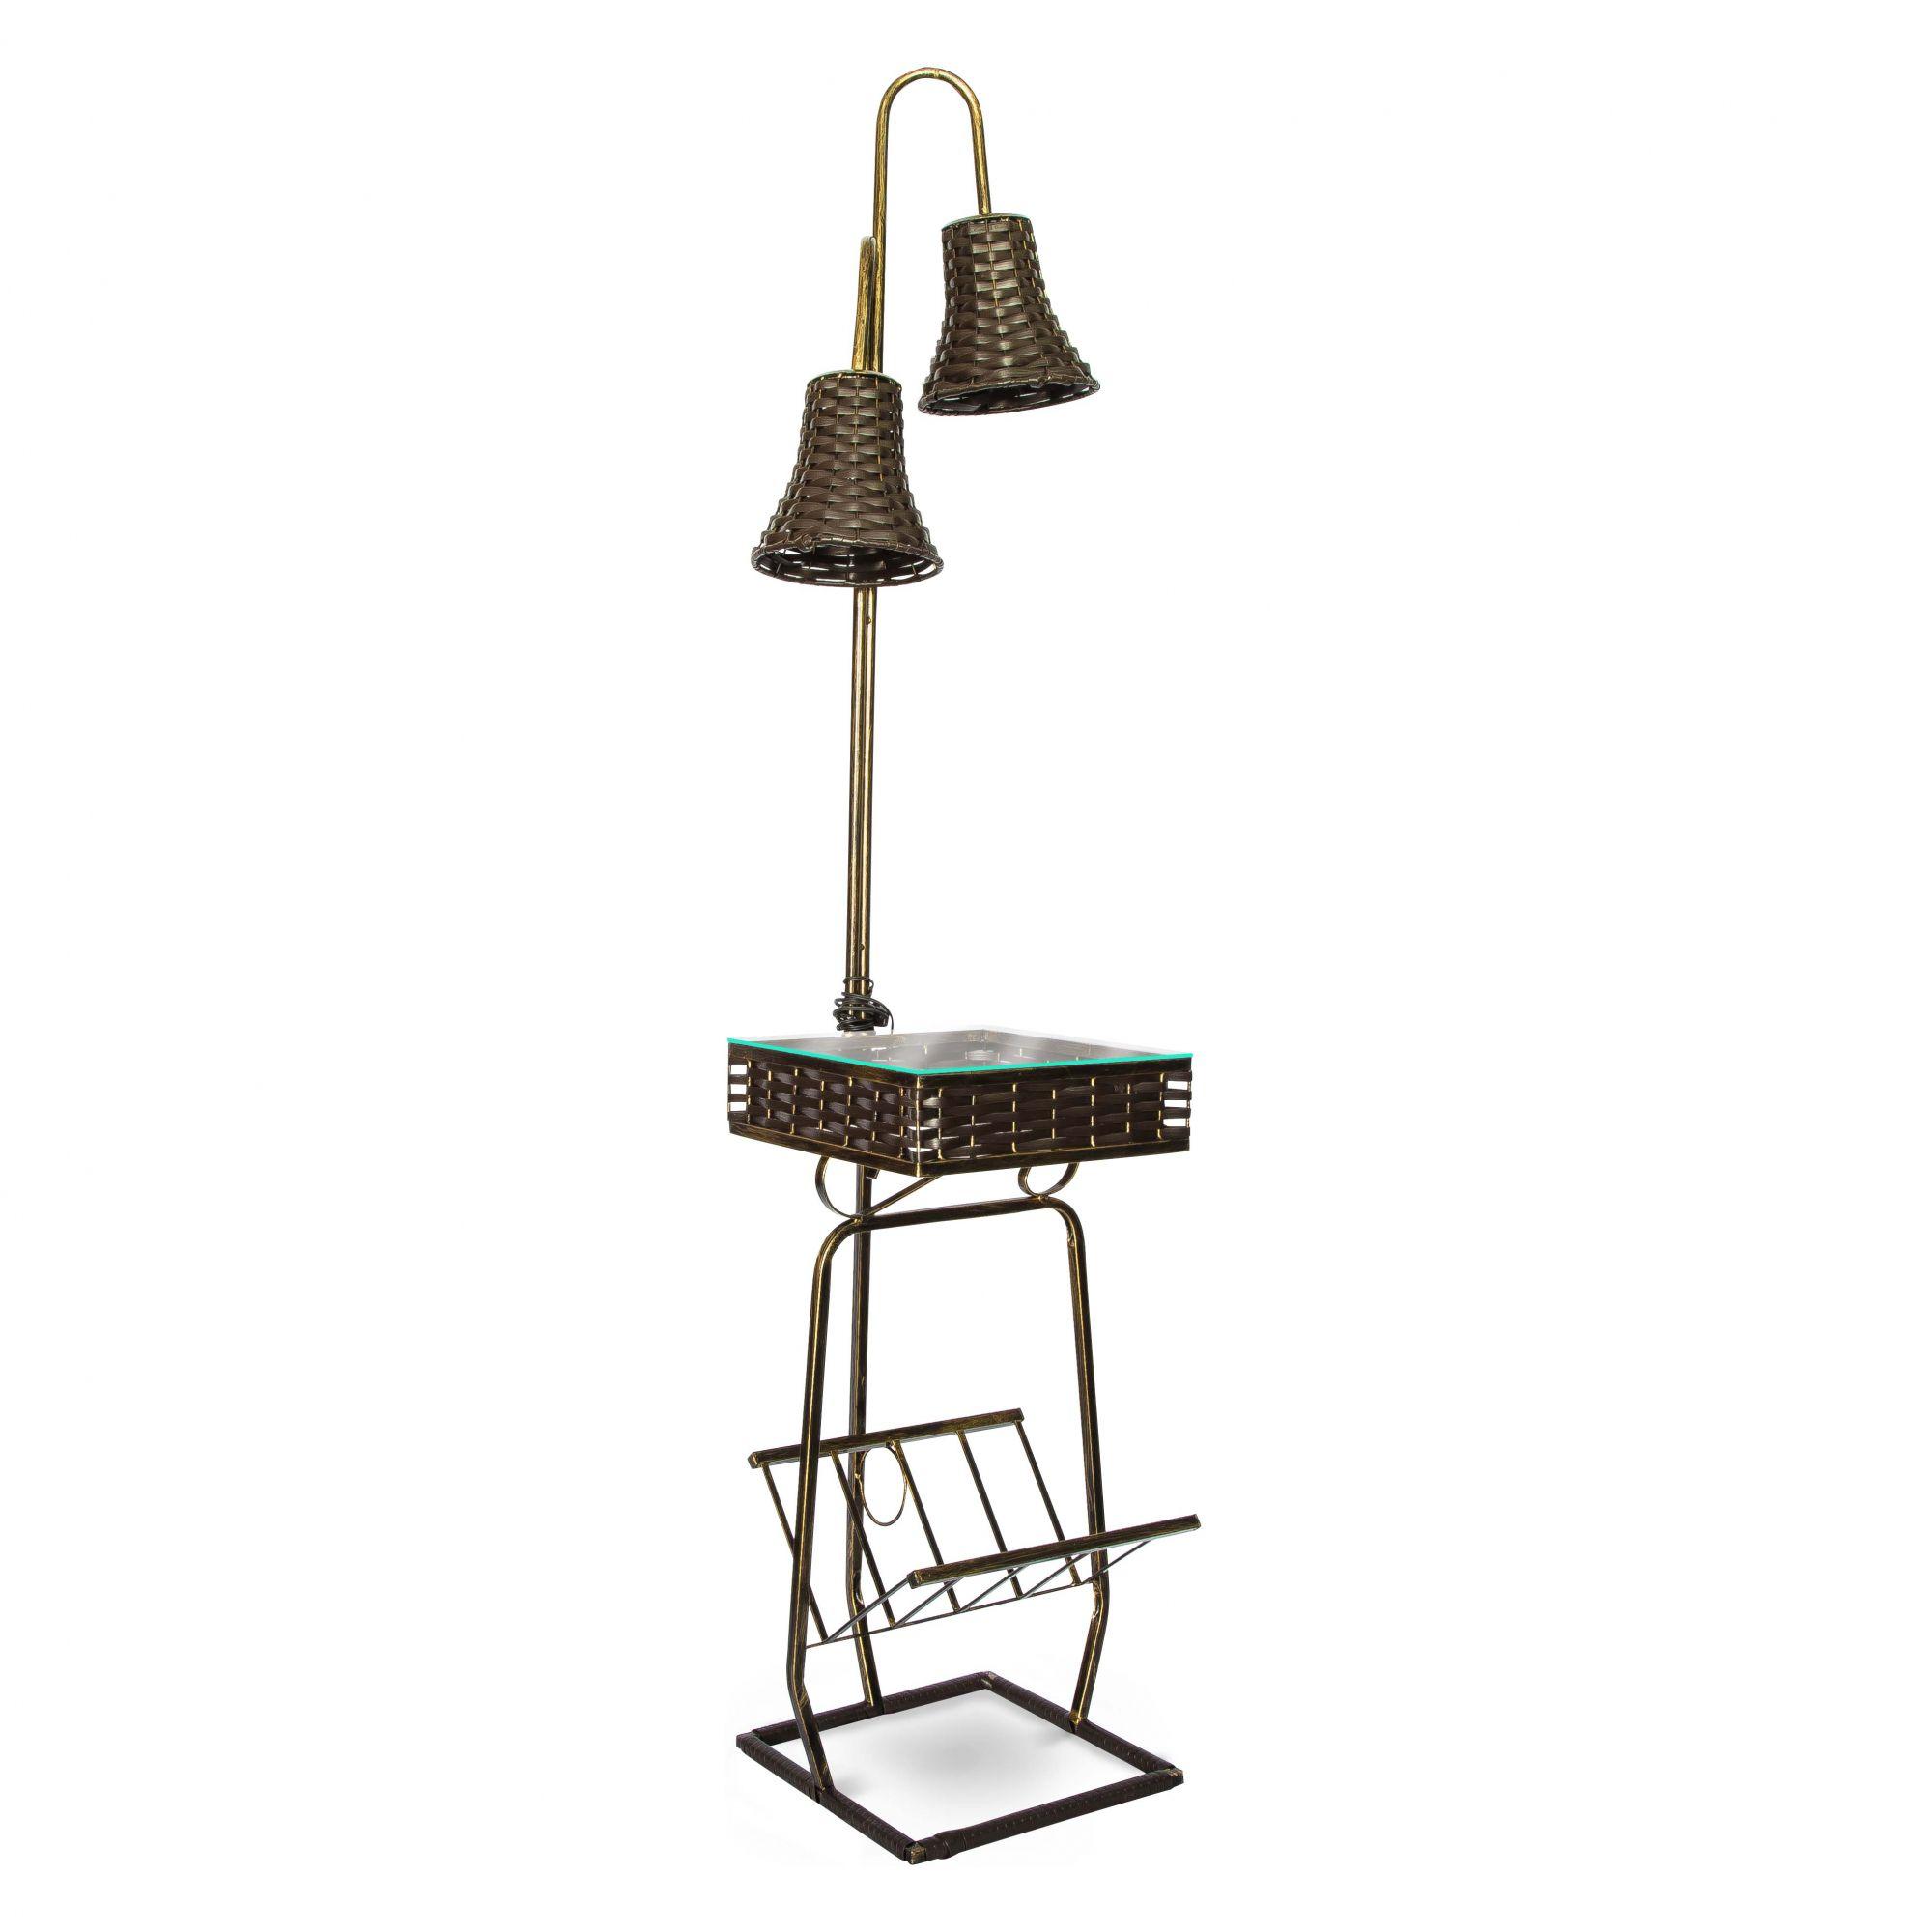 Mesa De Telefone Com Luminária 1,66x45x45 Cm Sofisticado Em Aço Decorlidi